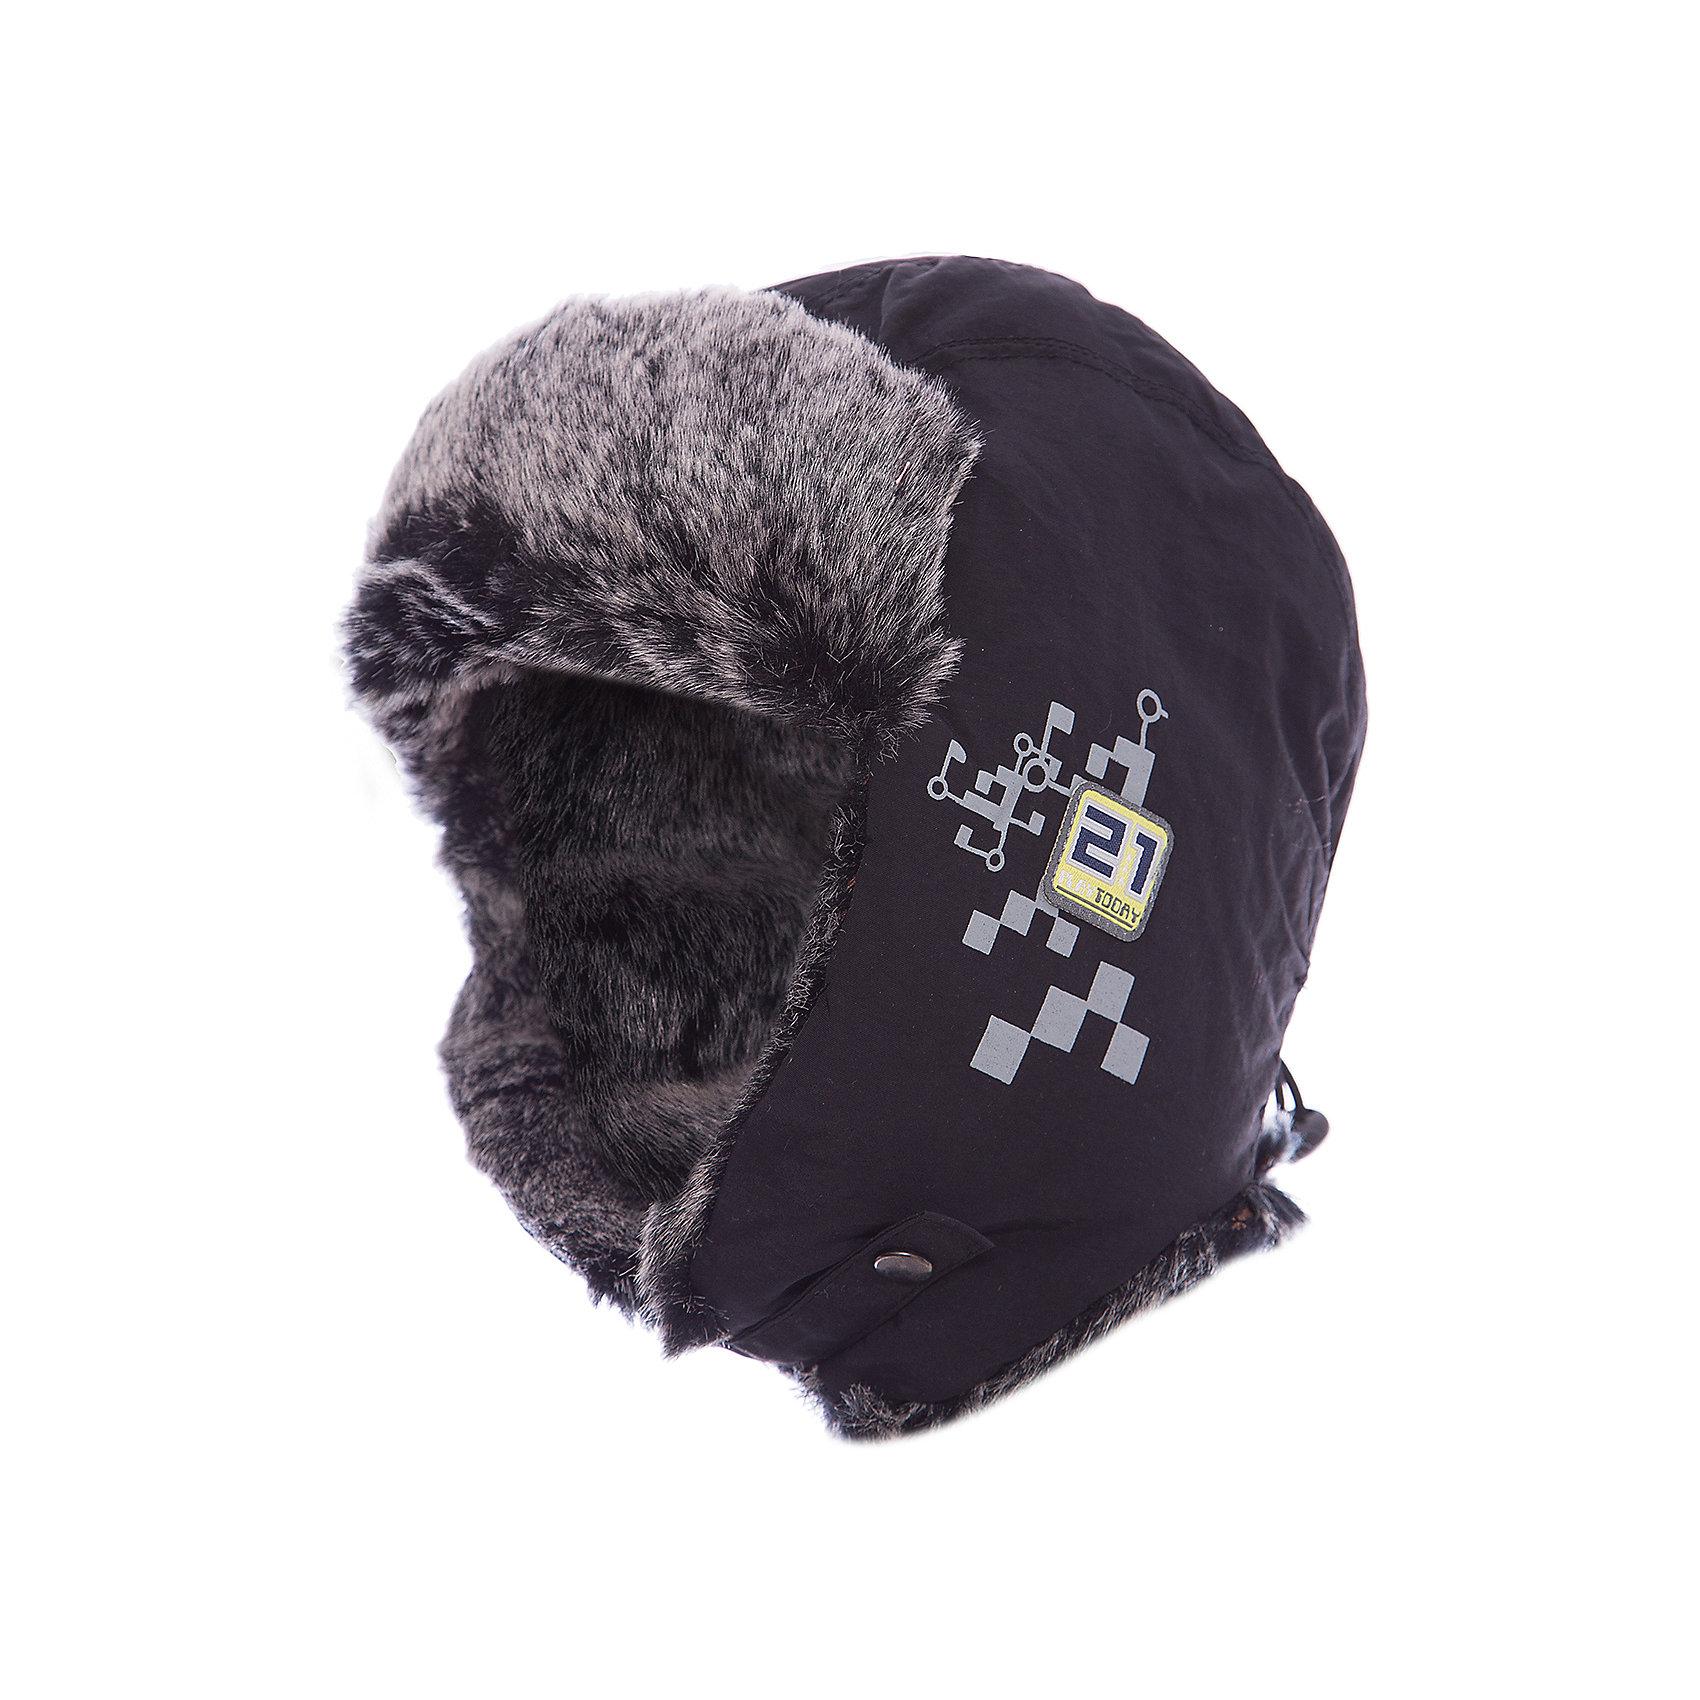 Шапка для мальчика PlayTodayДемисезонные<br>Шапка для мальчика PlayToday Теплая шапка-ушанка на подкладке из флиса. Декорирована искусственным мехом. Состав: Верх: 100% полиэстер, Подкладка: 100% полиэстер Наполнитель: 100% полиэстер<br><br>Ширина мм: 89<br>Глубина мм: 117<br>Высота мм: 44<br>Вес г: 155<br>Цвет: черный<br>Возраст от месяцев: 24<br>Возраст до месяцев: 36<br>Пол: Мужской<br>Возраст: Детский<br>Размер: 50,54,52<br>SKU: 4227816